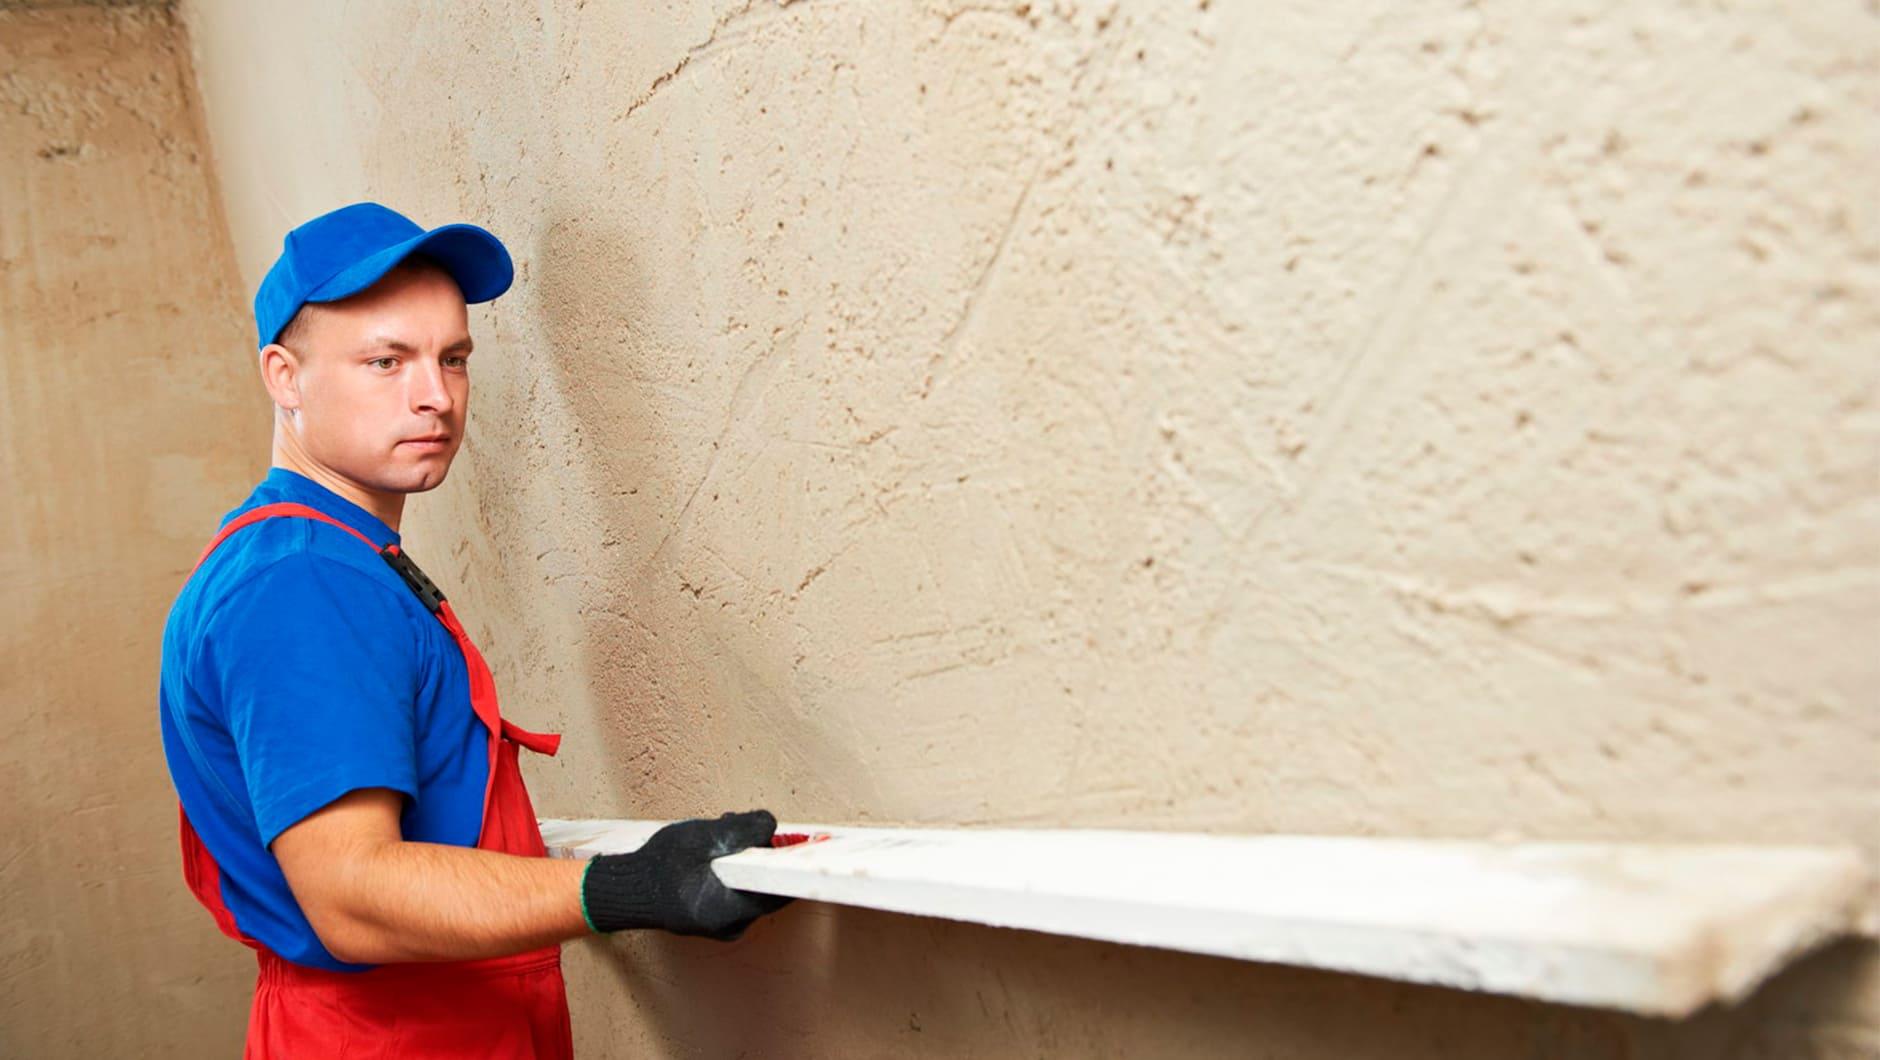 Декоративная штукатурка - лучшие красивые варианты отделки стен в интерьере 153